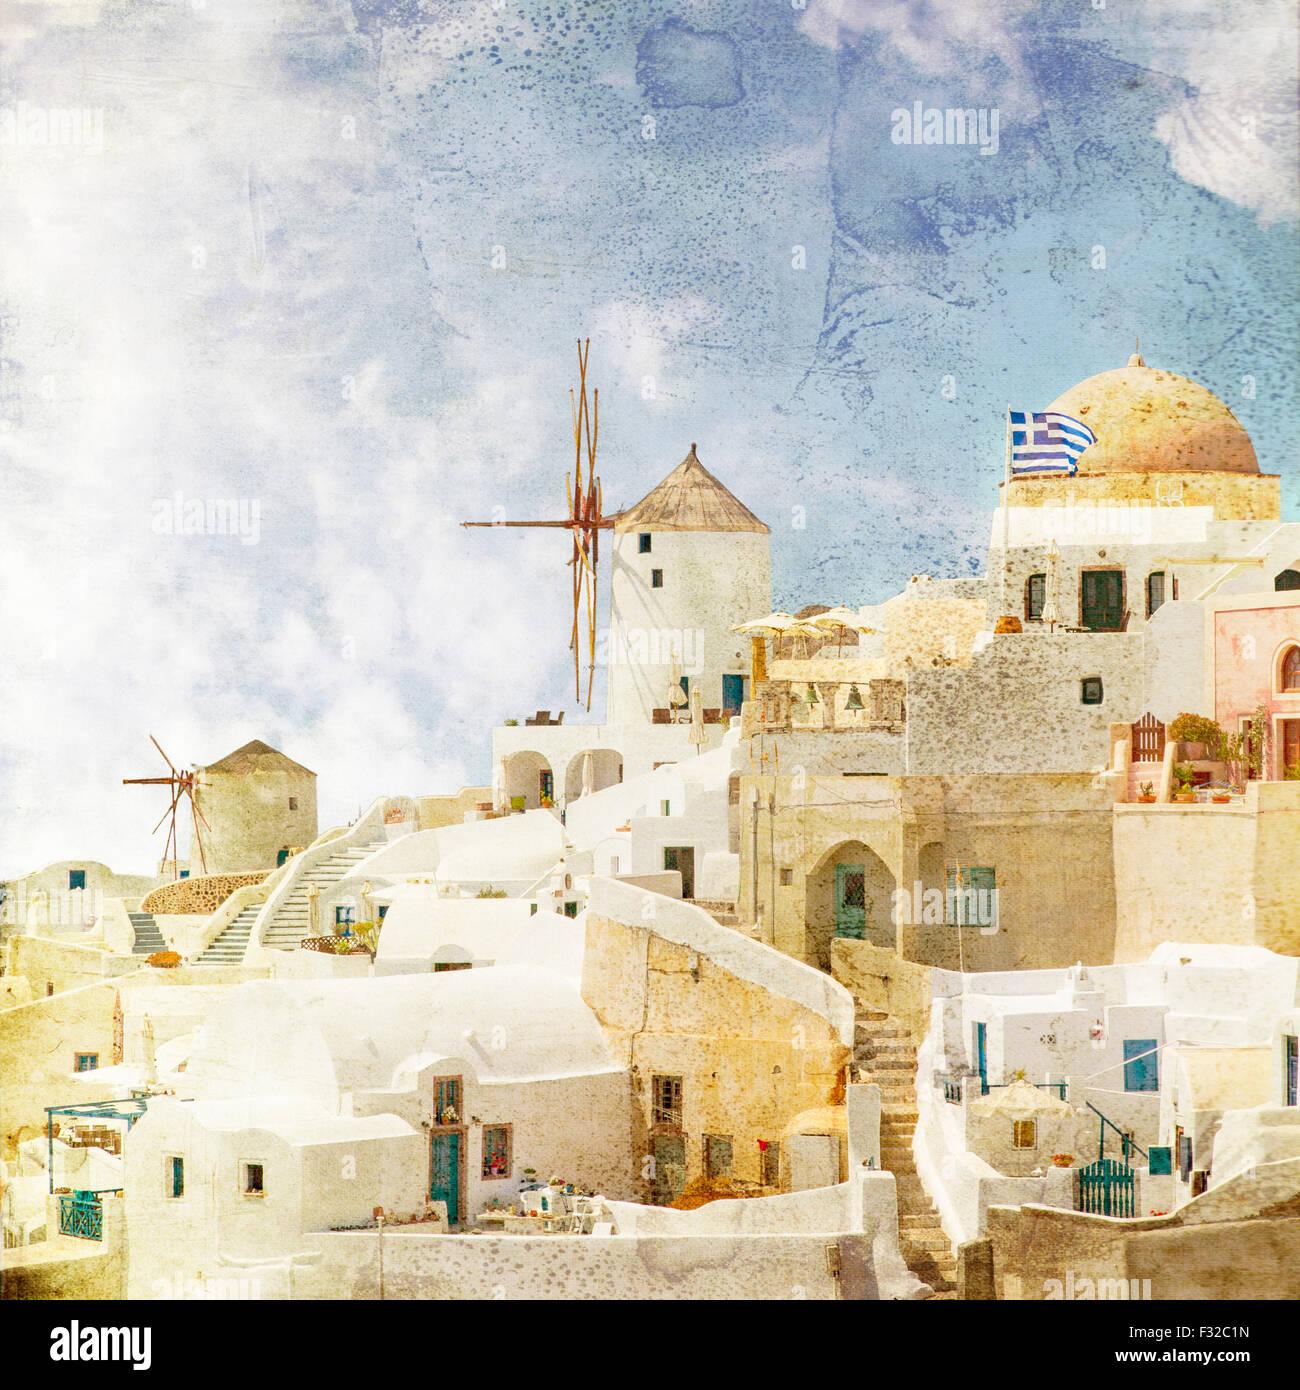 Bild der berühmten Windmühlen in Oia. Santorini, Griechenland. Vinatge gestylt. Stockbild